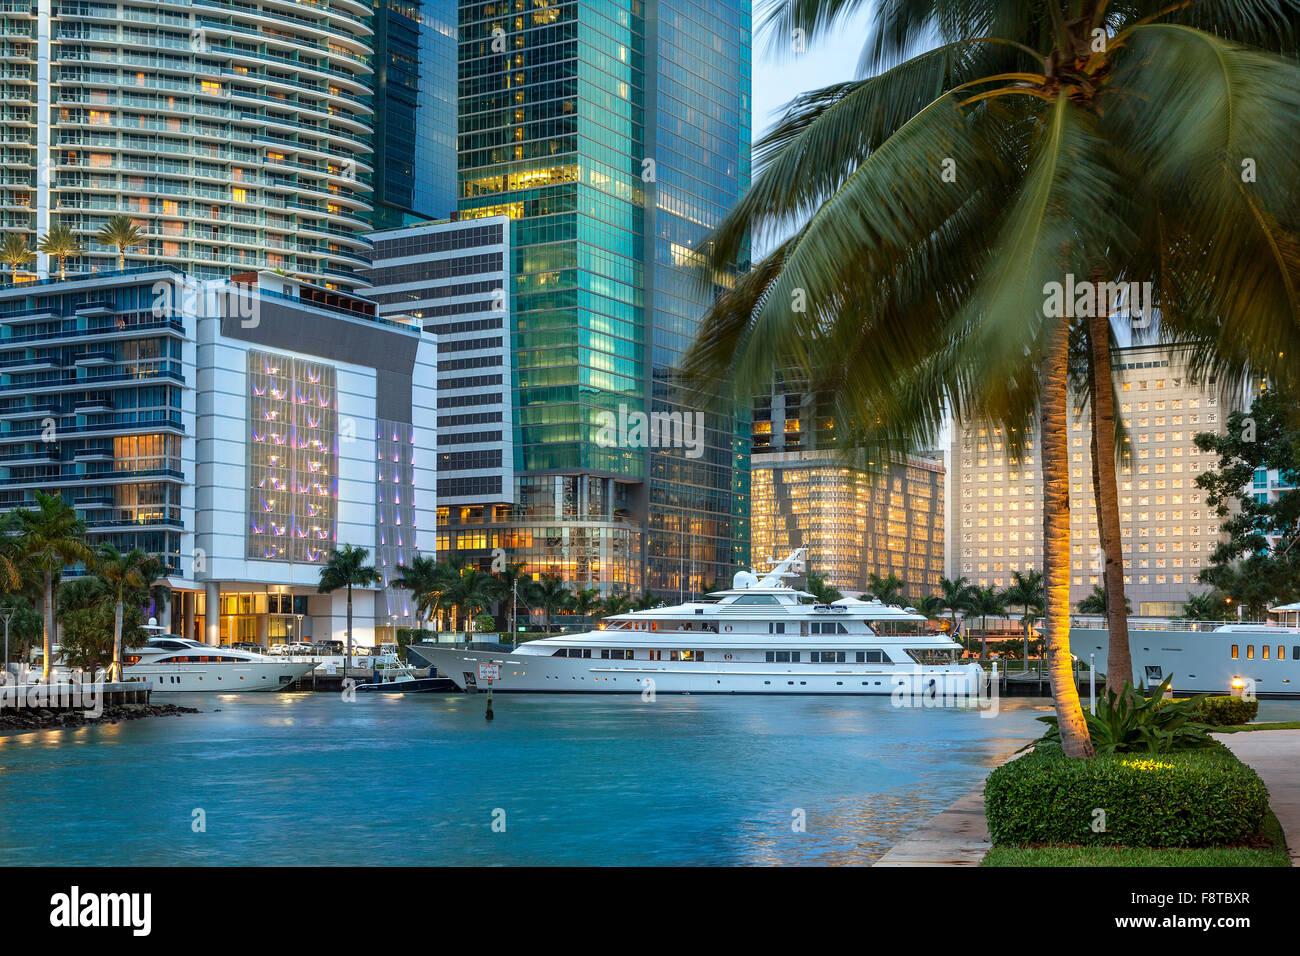 USA, Florida, Miami downtown - Stock Image